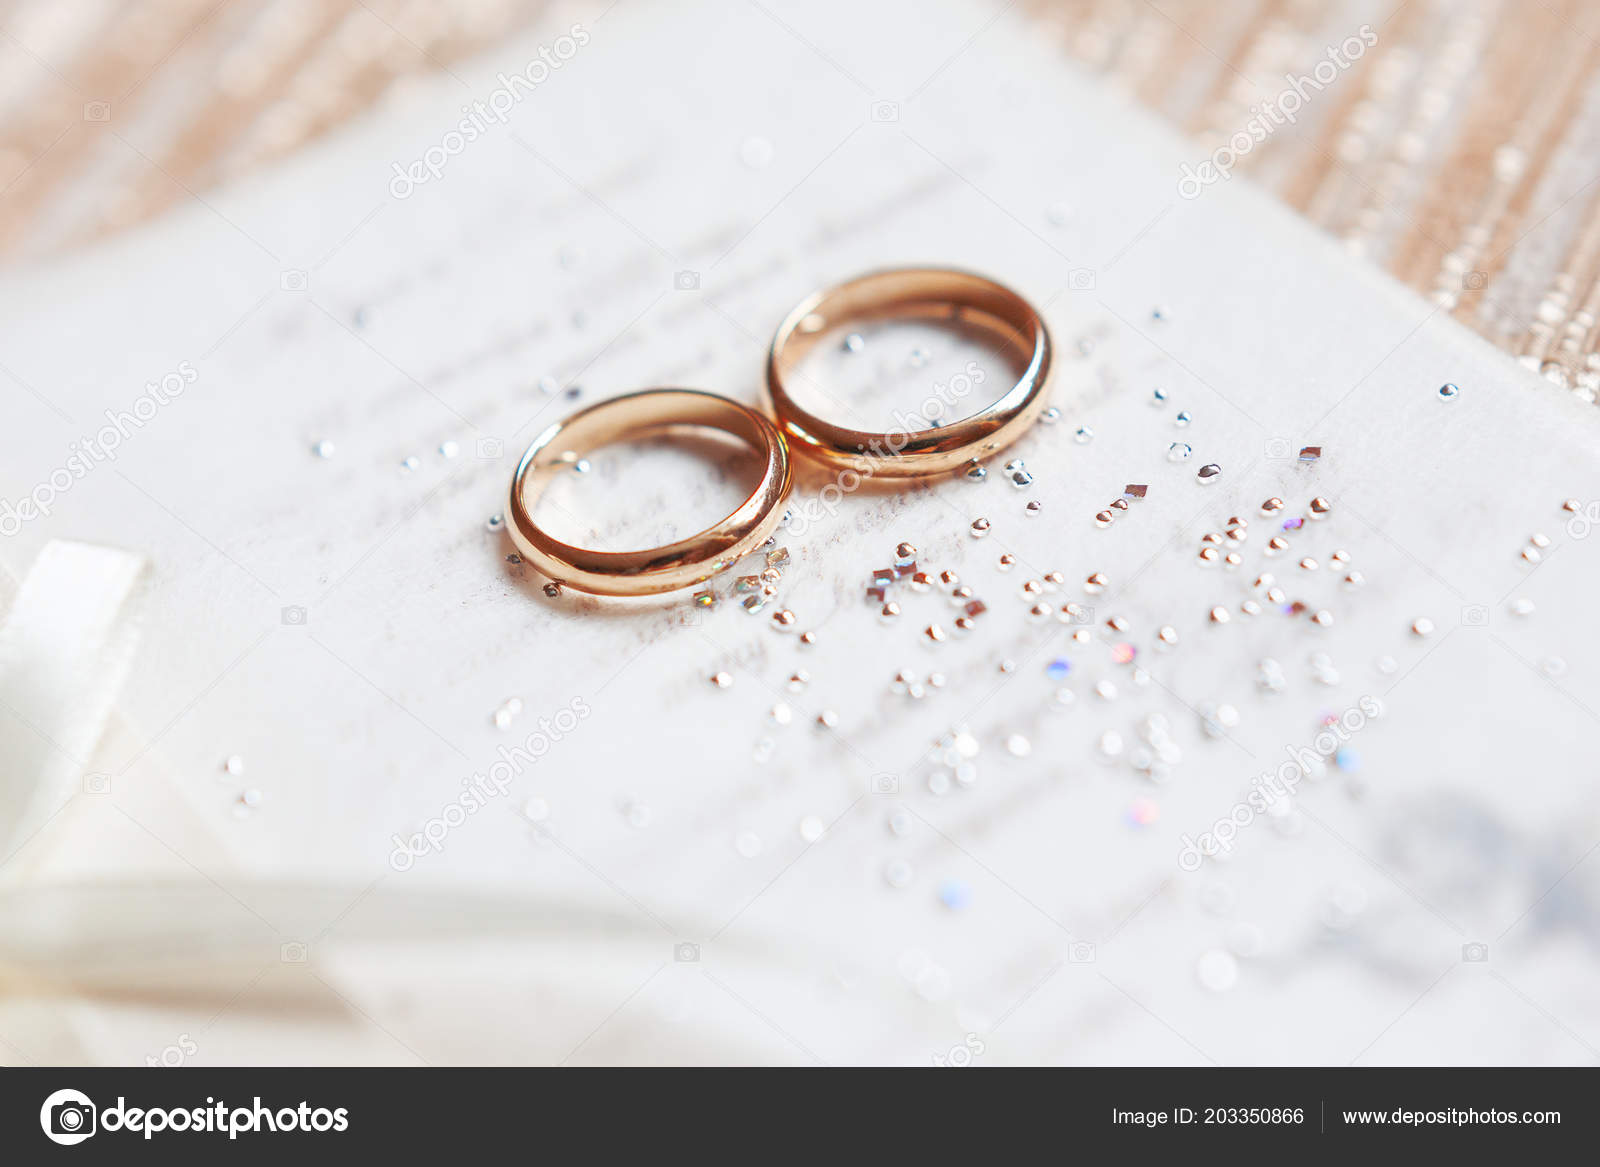 Goldene Hochzeit Ringe Auf Papier Einladung Mit Glanzenden